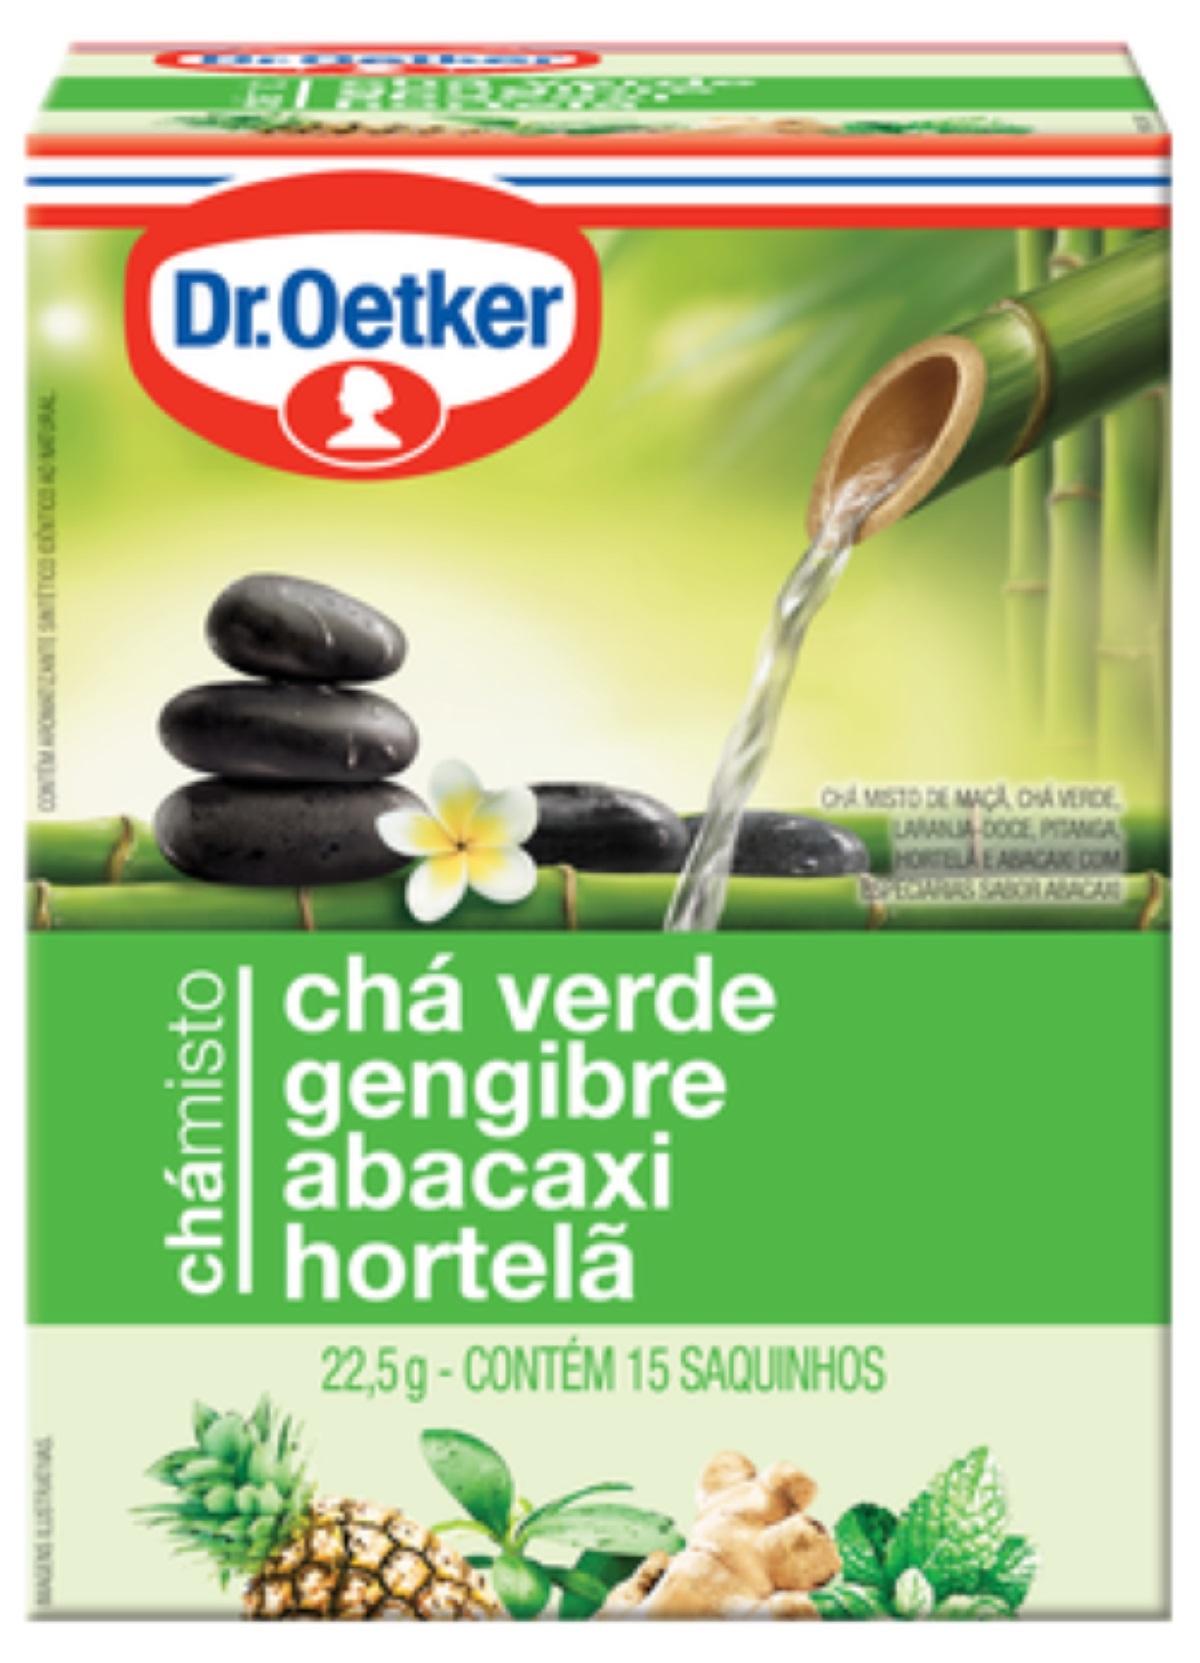 Chá Misto Verde, Gengibre, Abacaxi e Hortelã kit 04 caixas